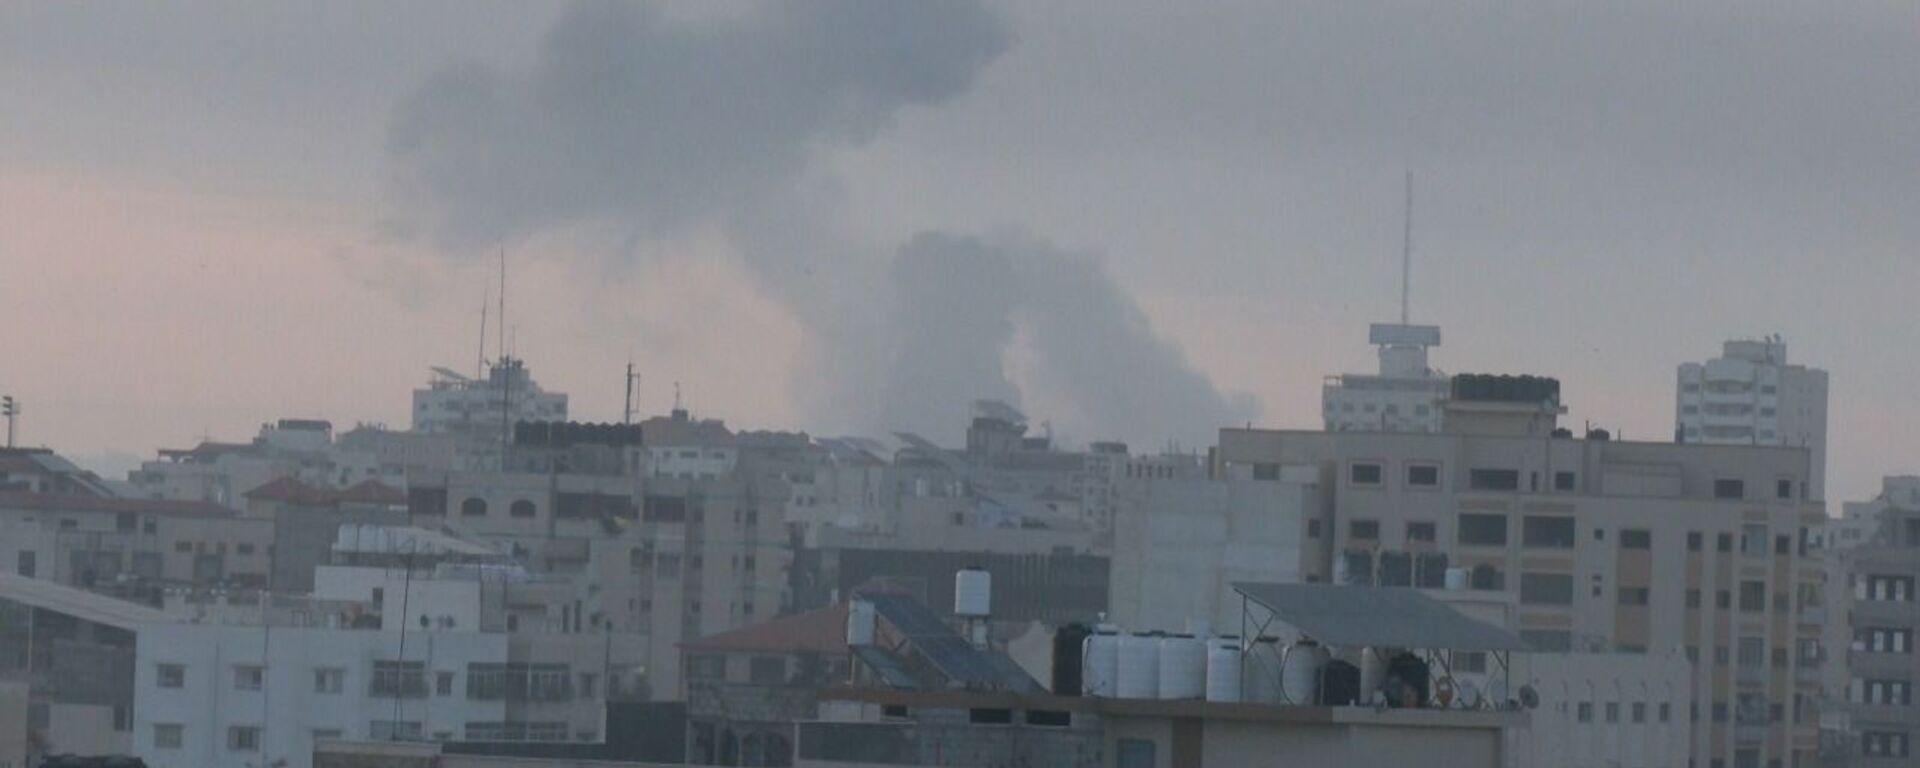 Israele ha anche effettuato numerosi attacchi contro la Striscia di Gaza per rappresaglia - Sputnik Italia, 1920, 16.06.2021